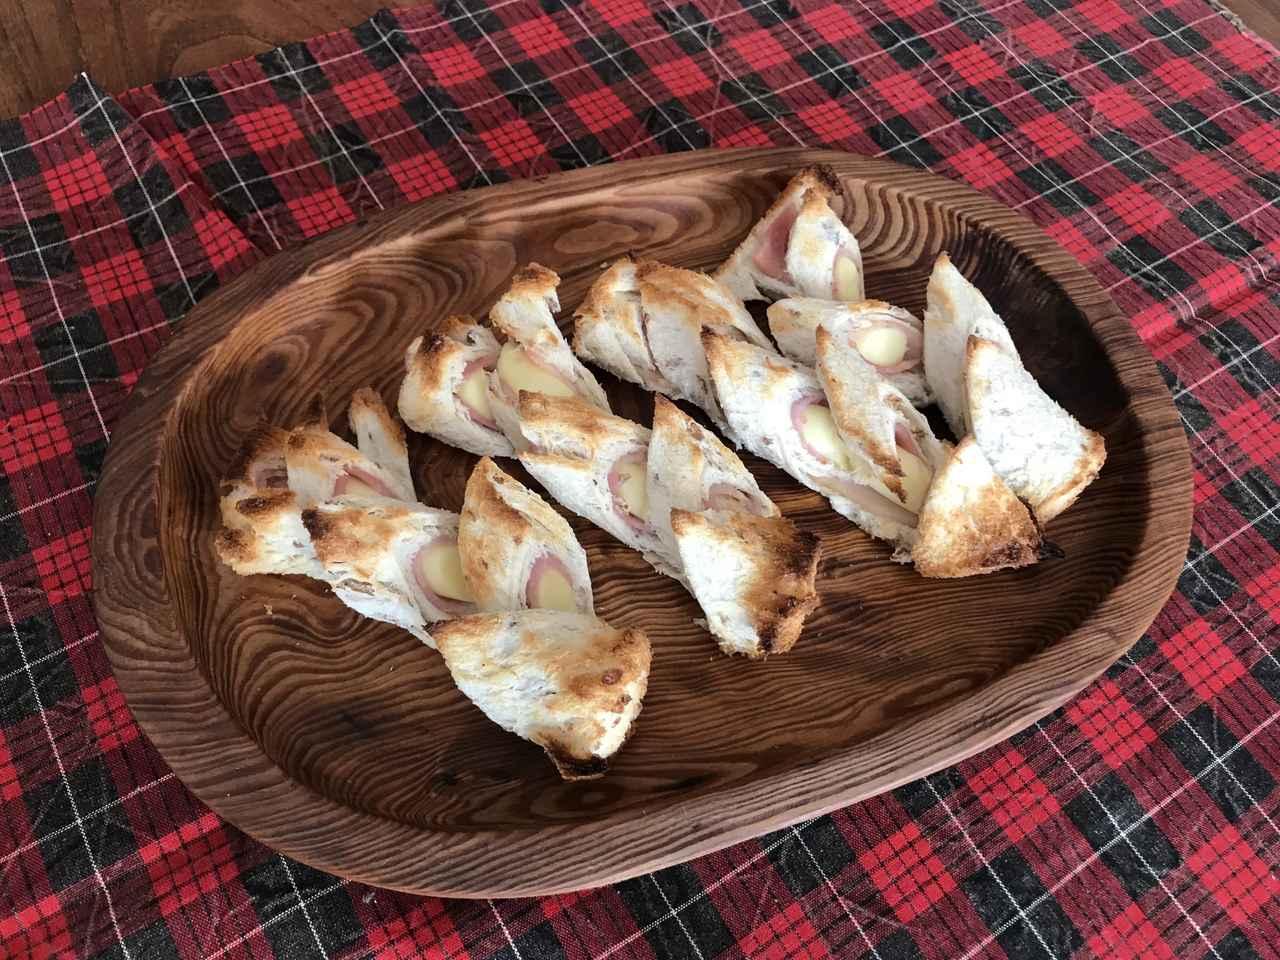 画像5: チーズとベーコンのエピ風パイ